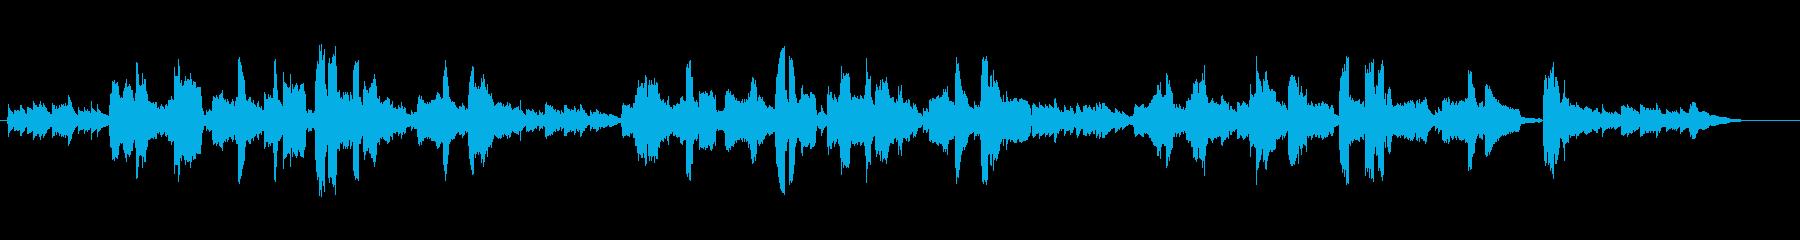 唱歌「花」の男声ギター弾き語りの再生済みの波形